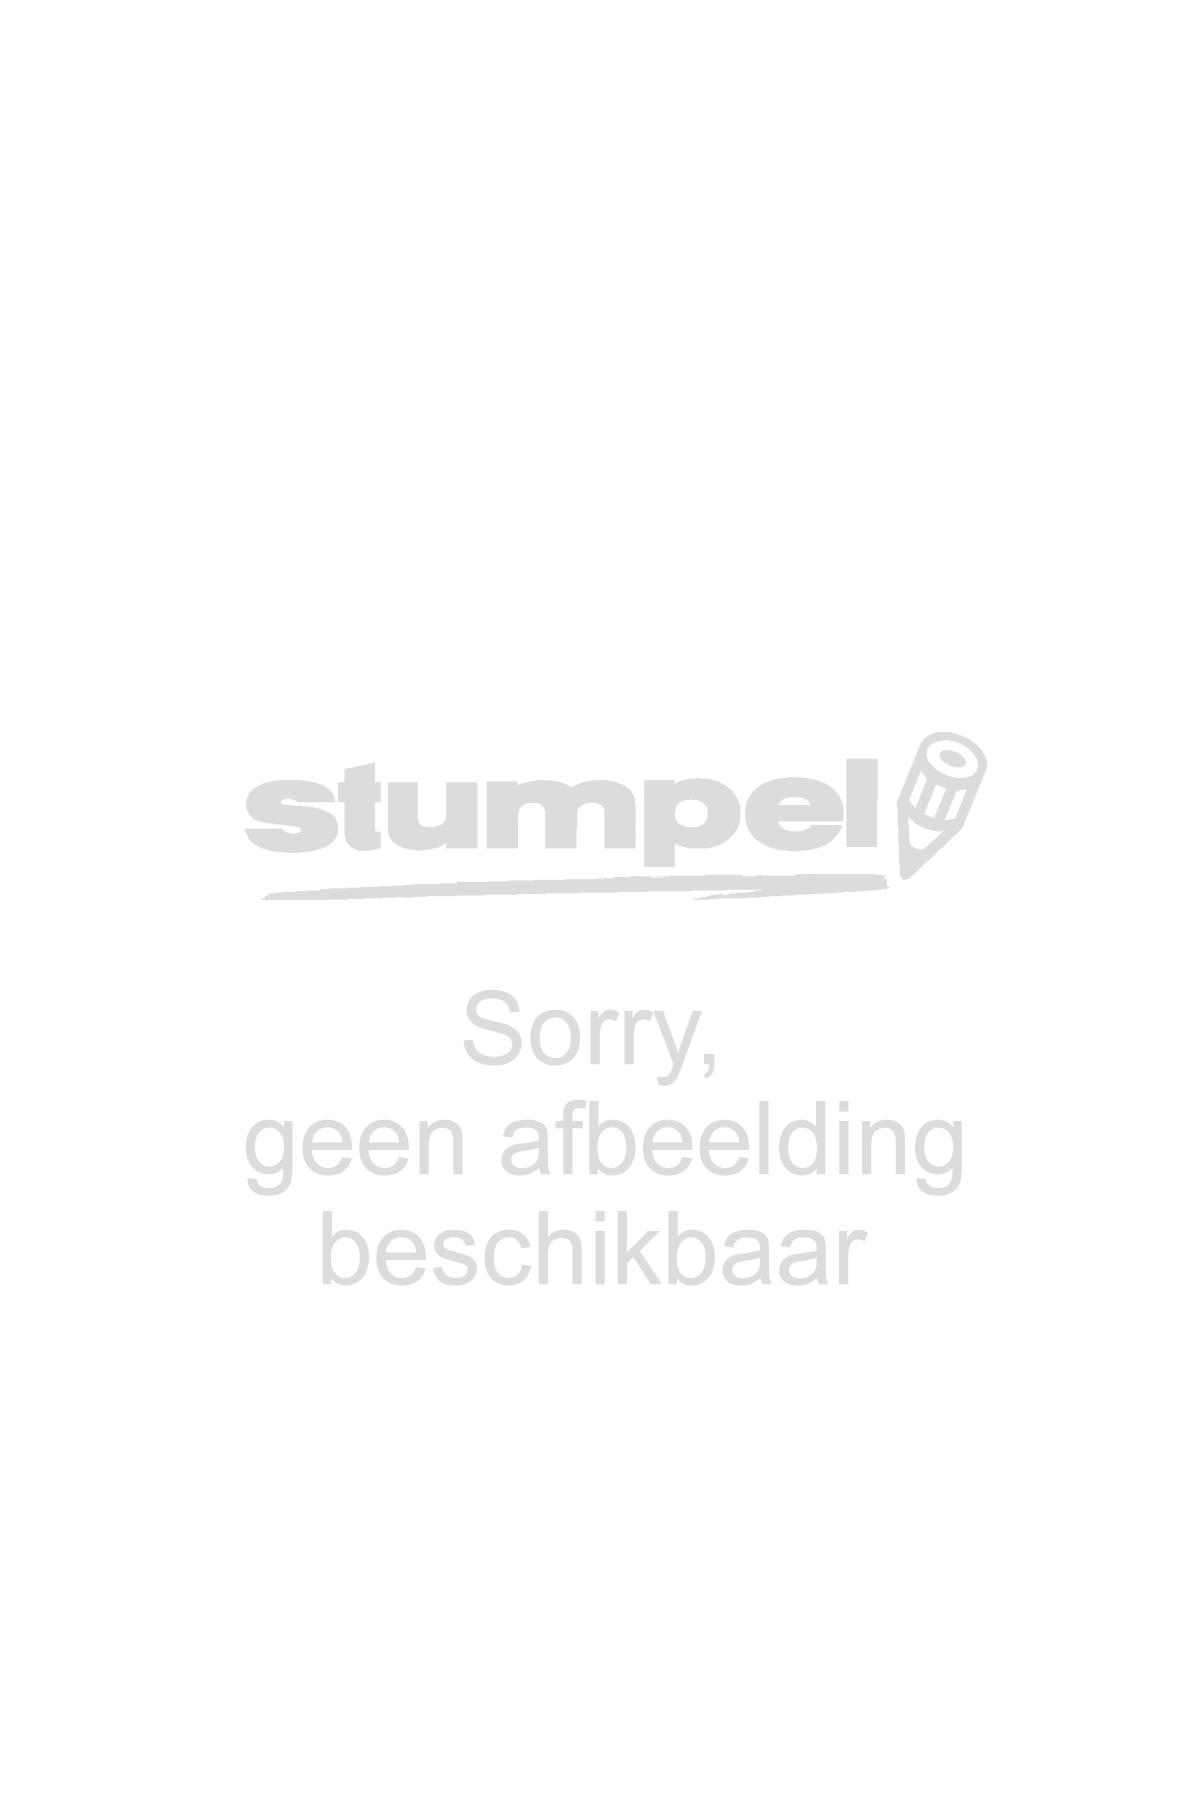 viltstift-edding-380-flipover-rond-blauw-1-5-3mm-631033